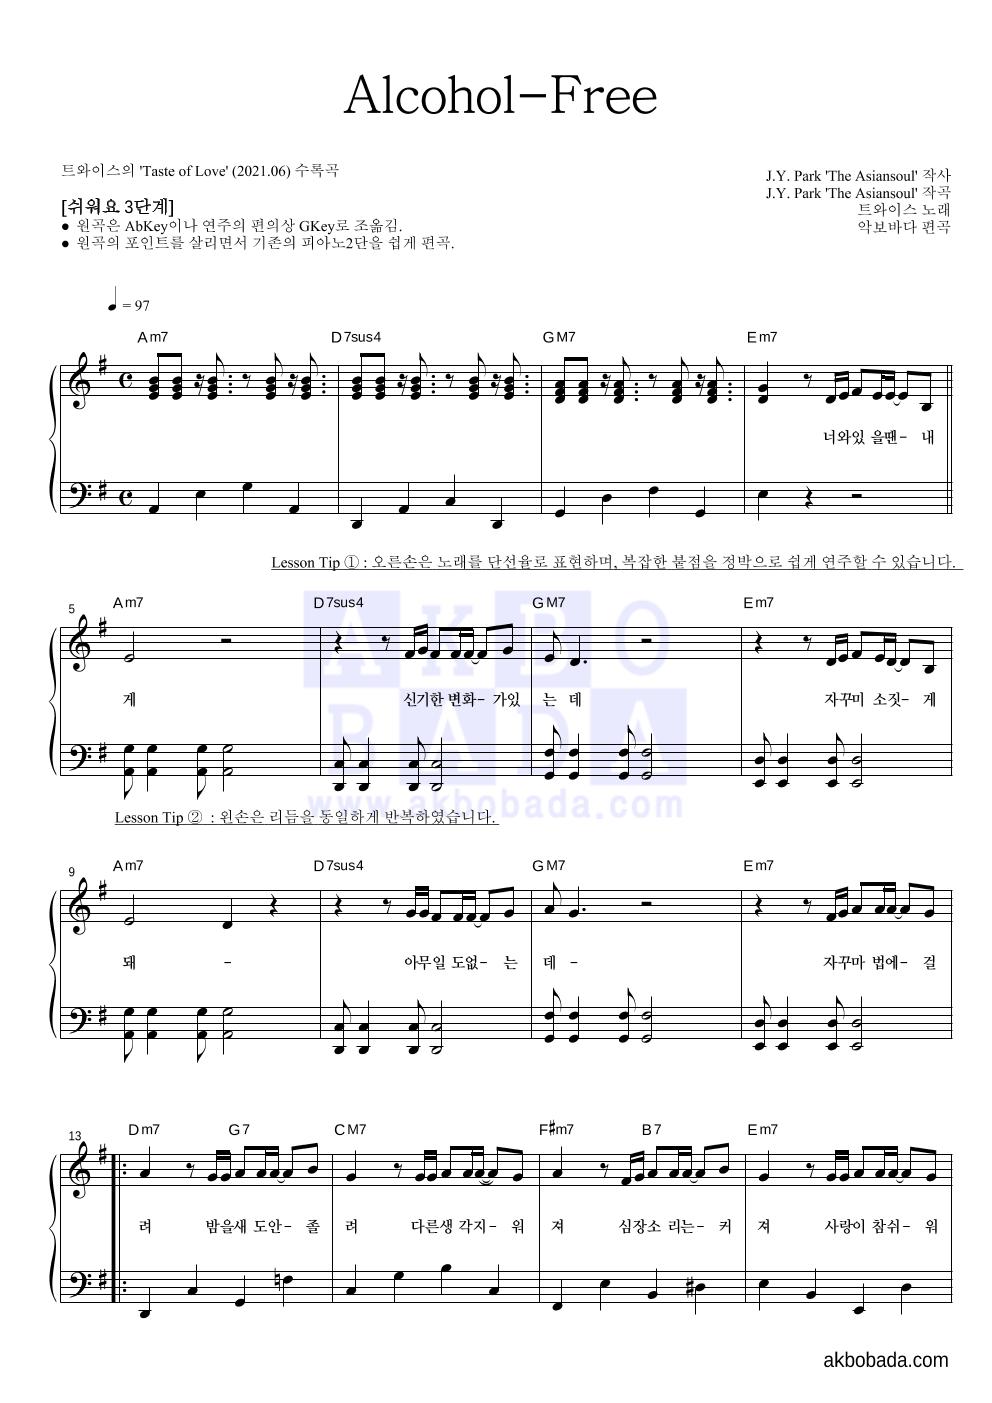 트와이스 - Alcohol-Free 피아노2단-쉬워요 악보